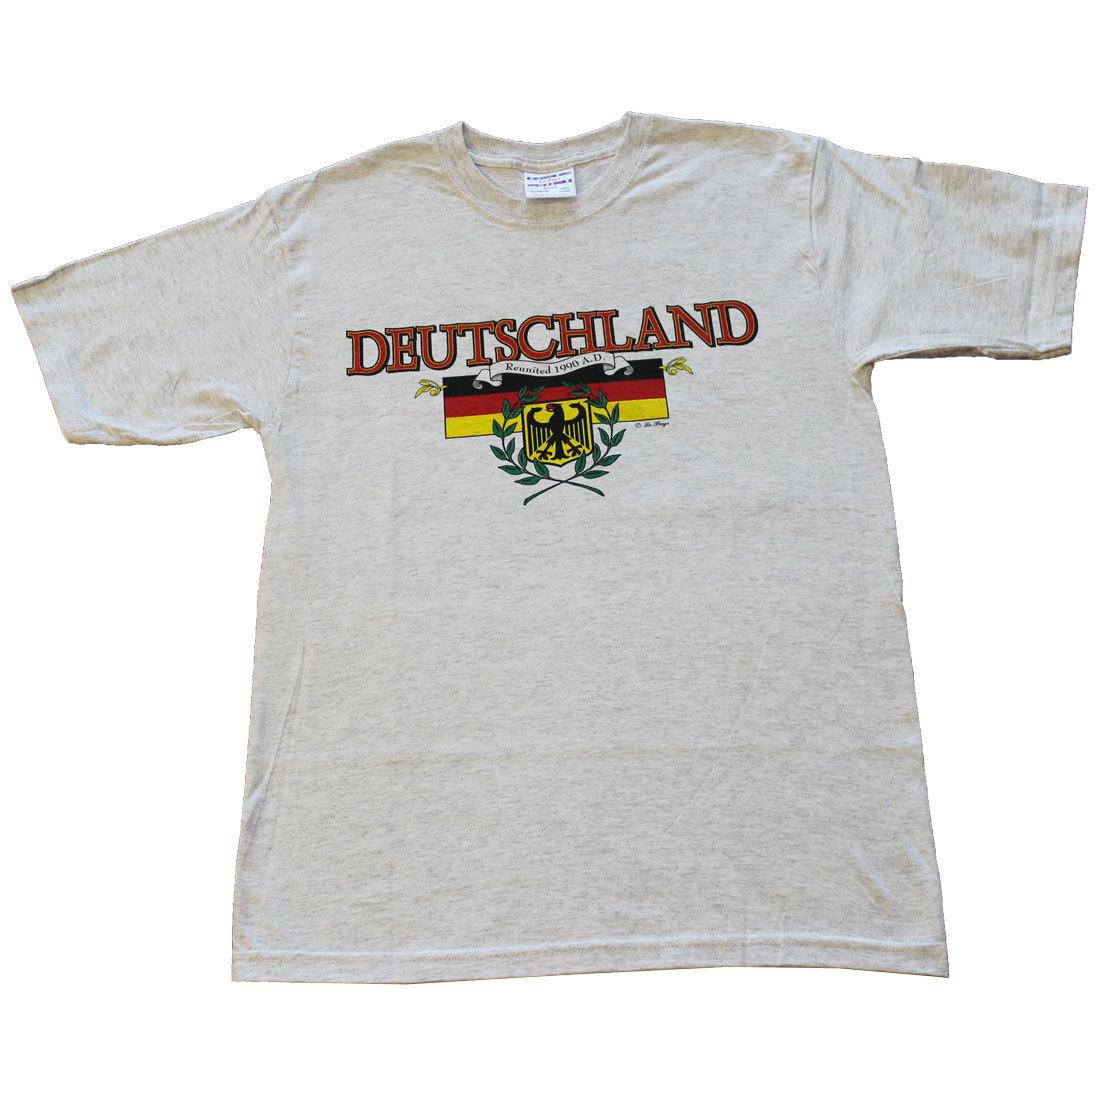 Germanylegacy 1